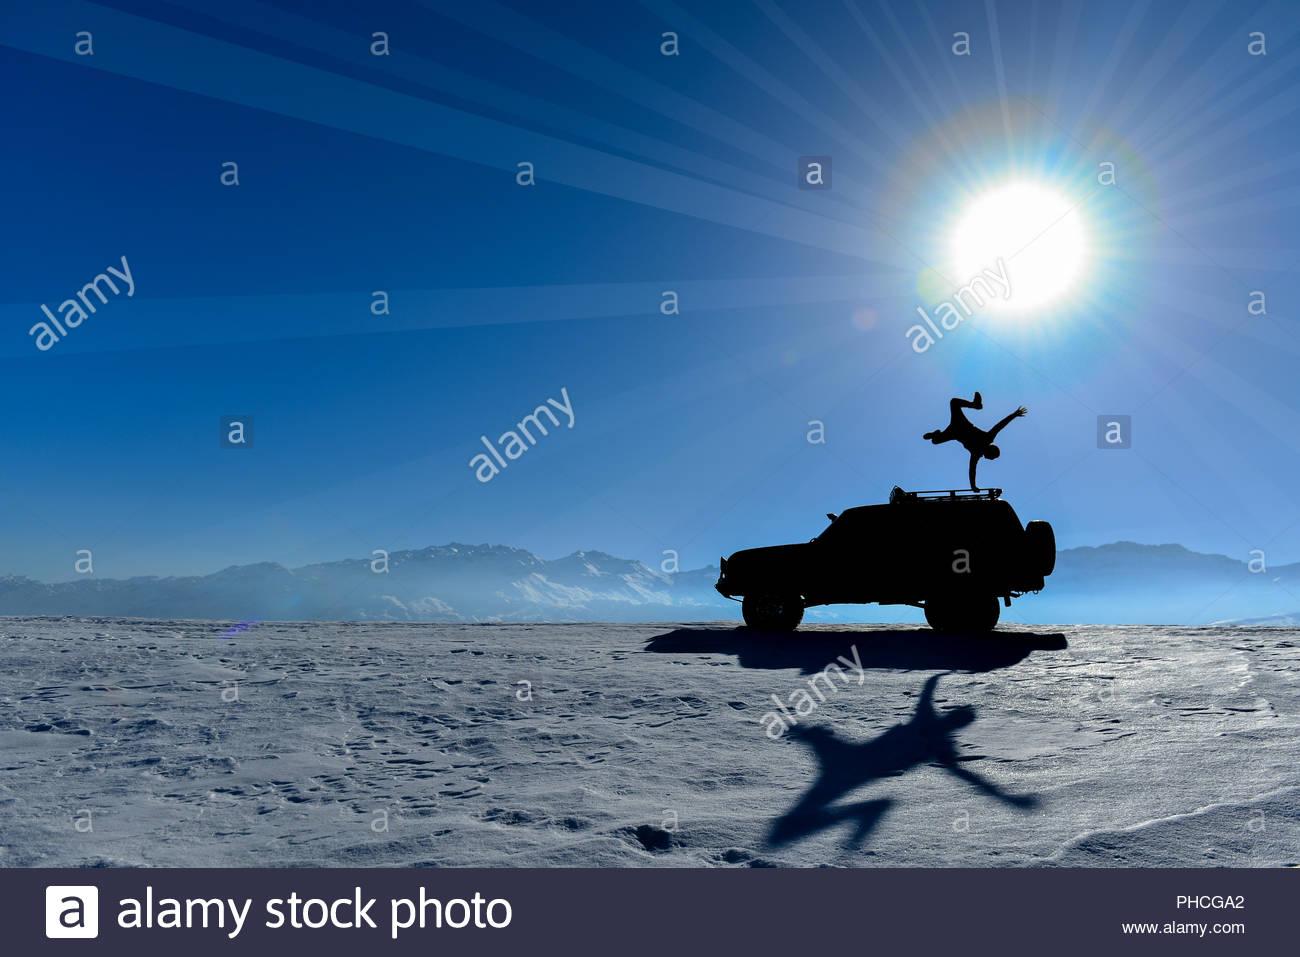 Potencia, equilibrio y motivación Imagen De Stock